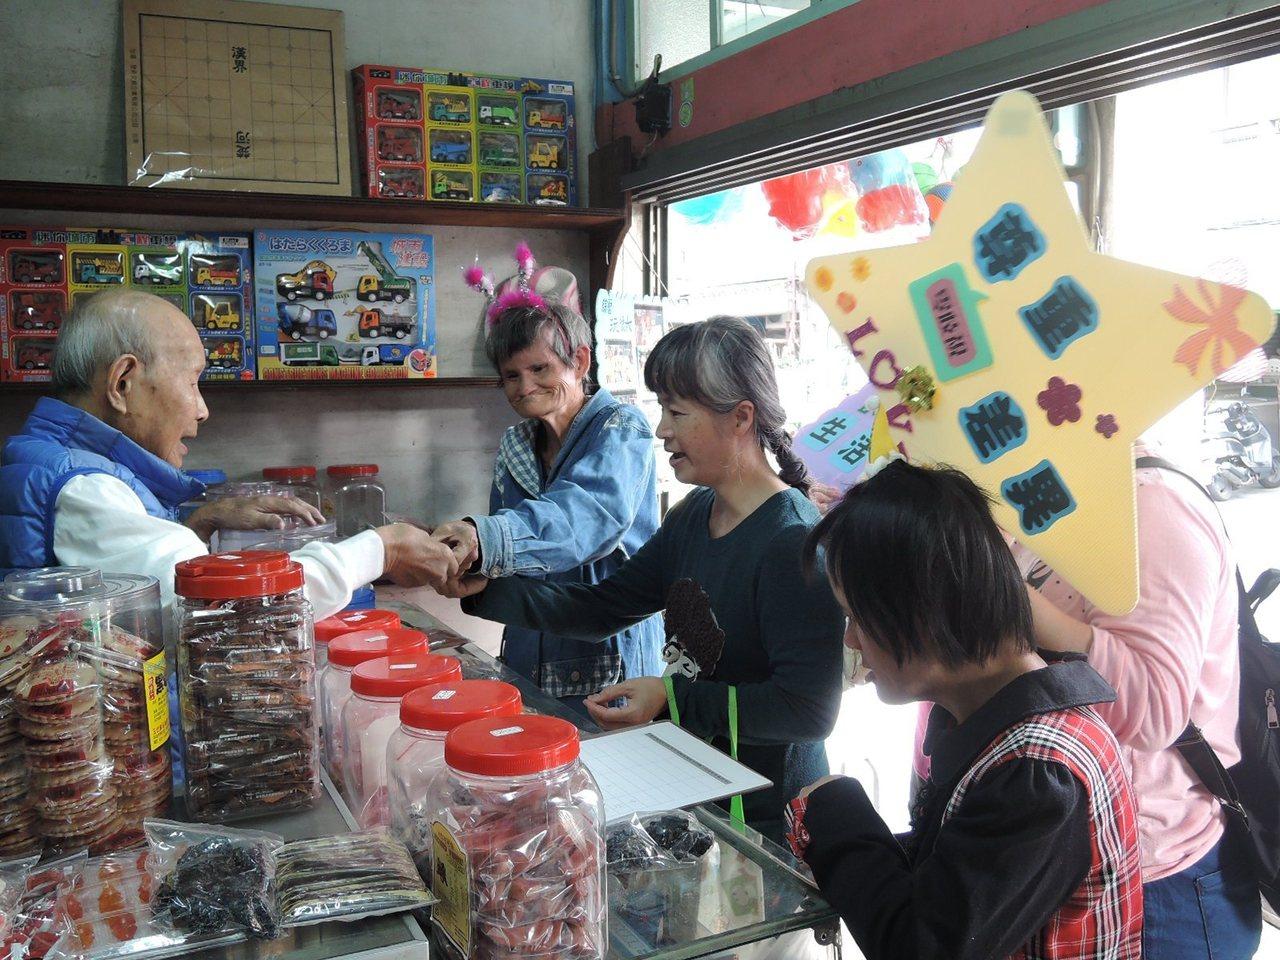 台南教養院生菁寮老街踩街 社區商家送暖同行。圖/台南教養院提供